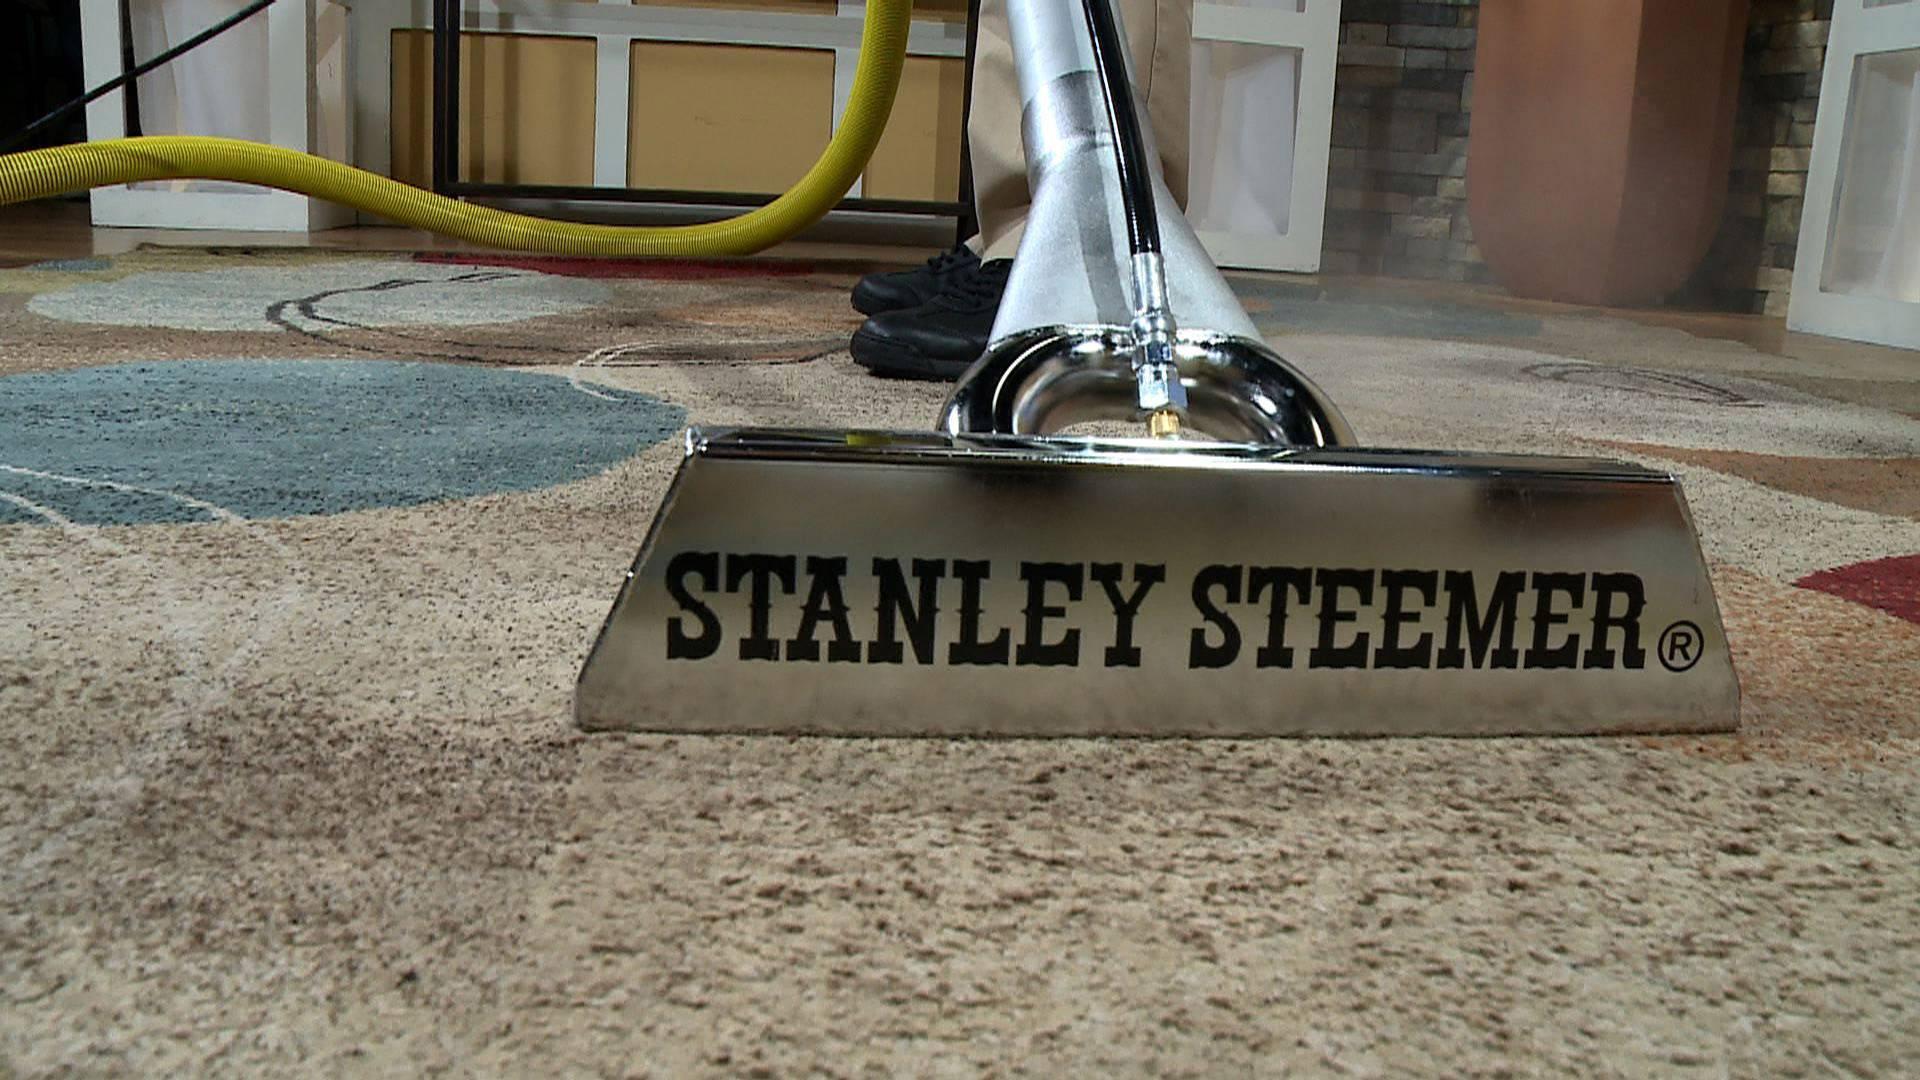 StanleySteemer